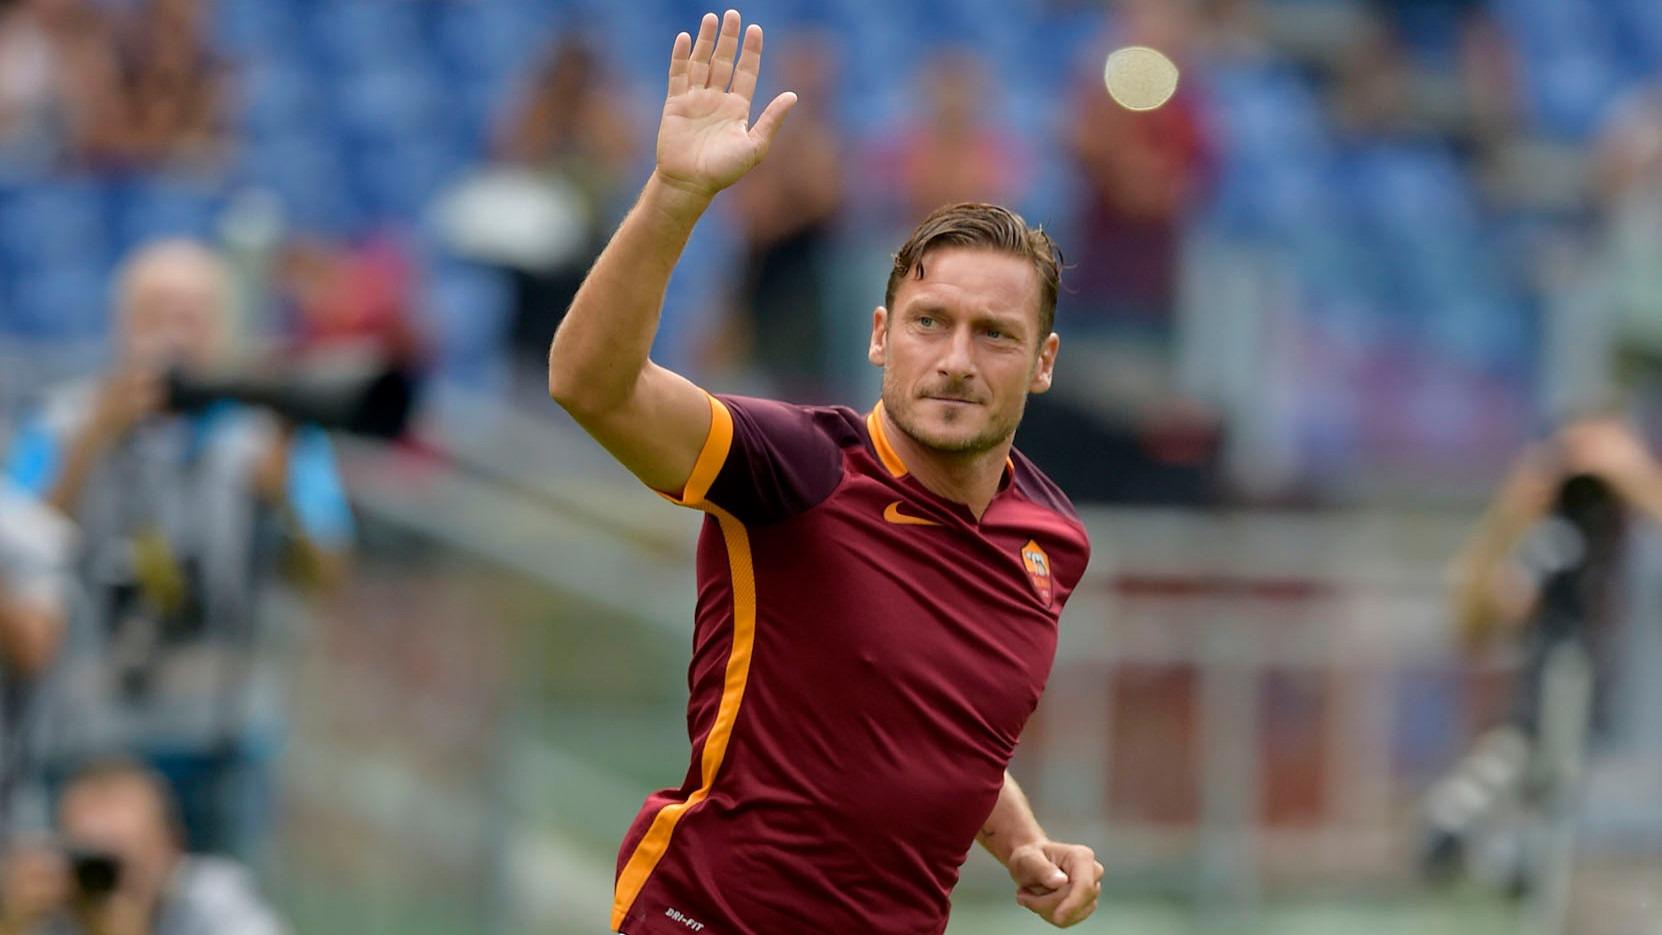 """Francesco Totti """"Le transfert de Neymar ? Ça n'a aucun sens.Je préfère le football comme il était avant"""""""